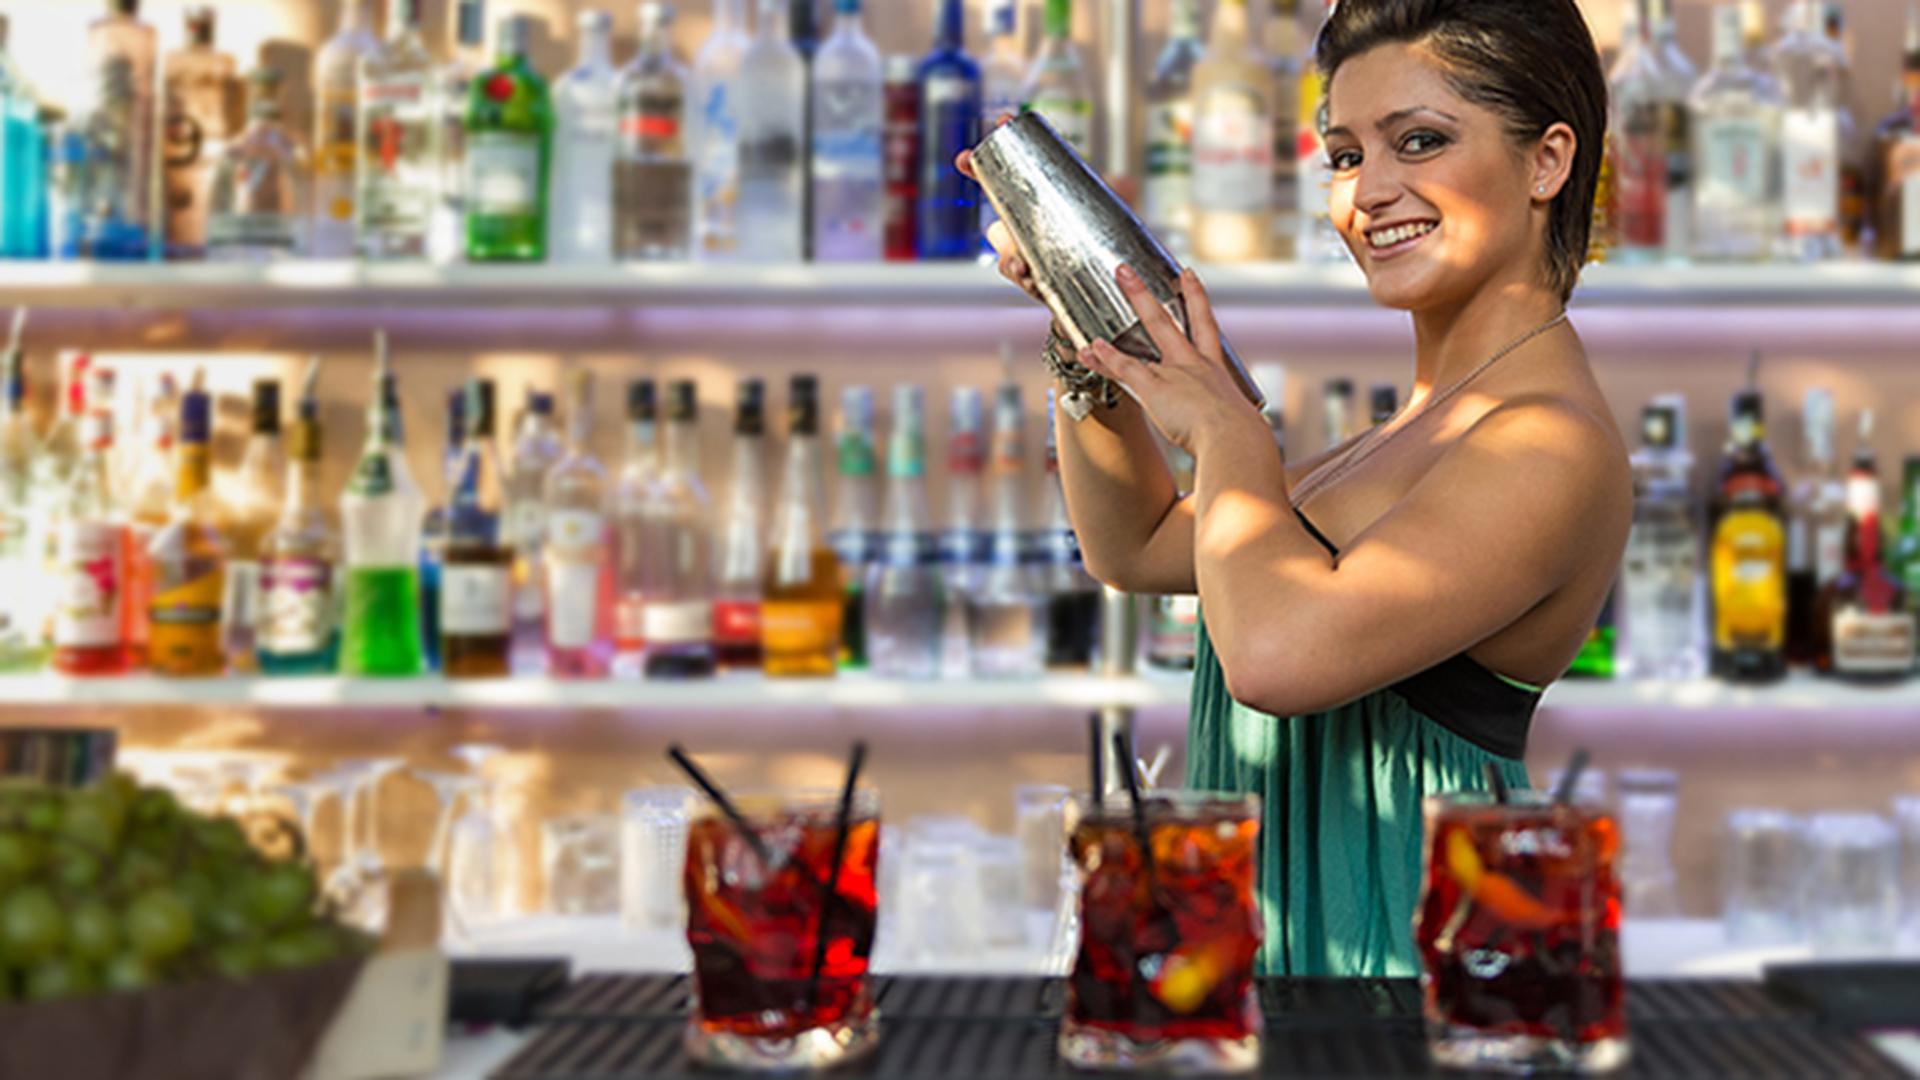 Las mujeres disfrutan de de las bebidas alcohólicas más fuertes, otrora exclusivas para hombres. (Shutterstock)